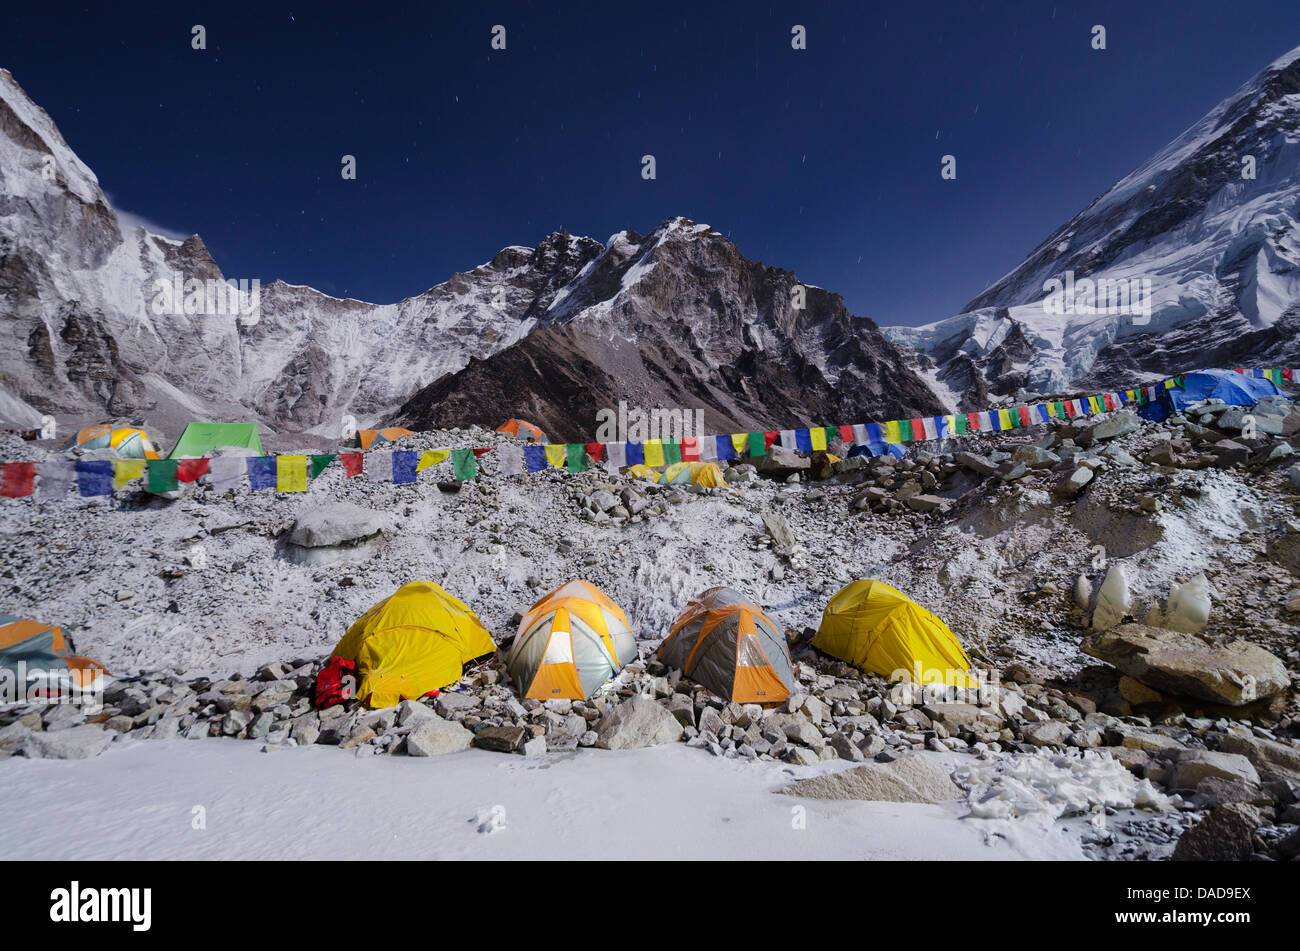 Tents at Everest Base Camp, Solu Khumbu Everest Region, Sagarmatha National Park, UNESCO World Heritage Site, Nepal, - Stock Image